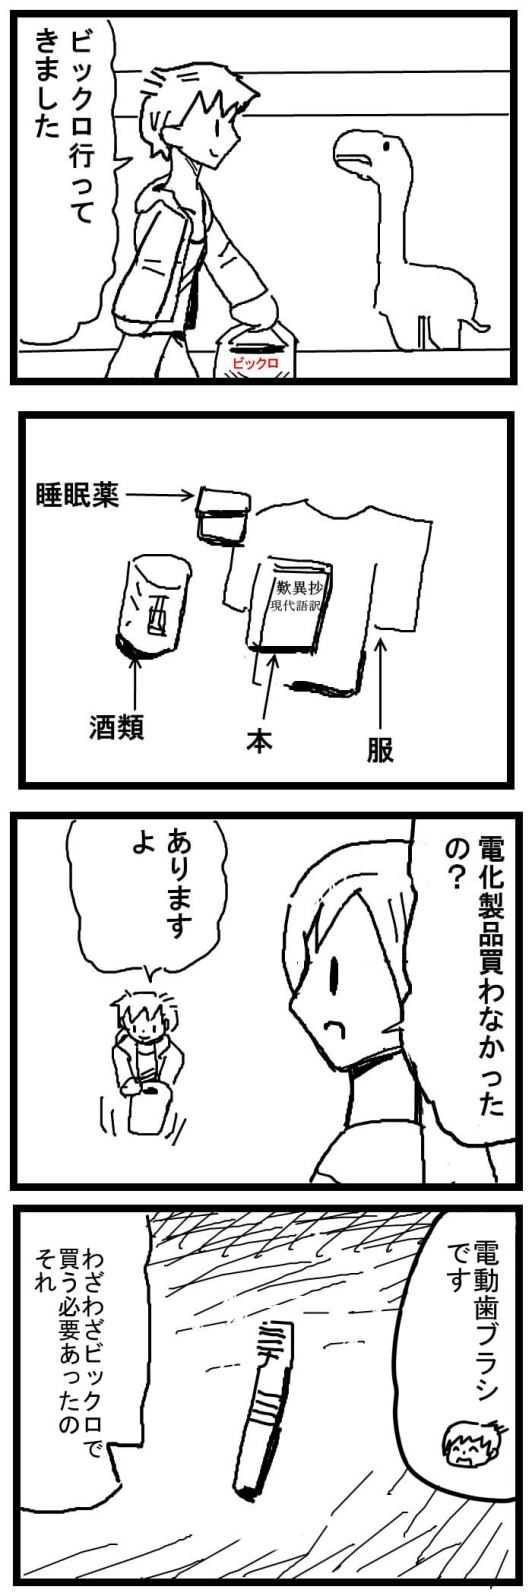 肺太郎21~25話